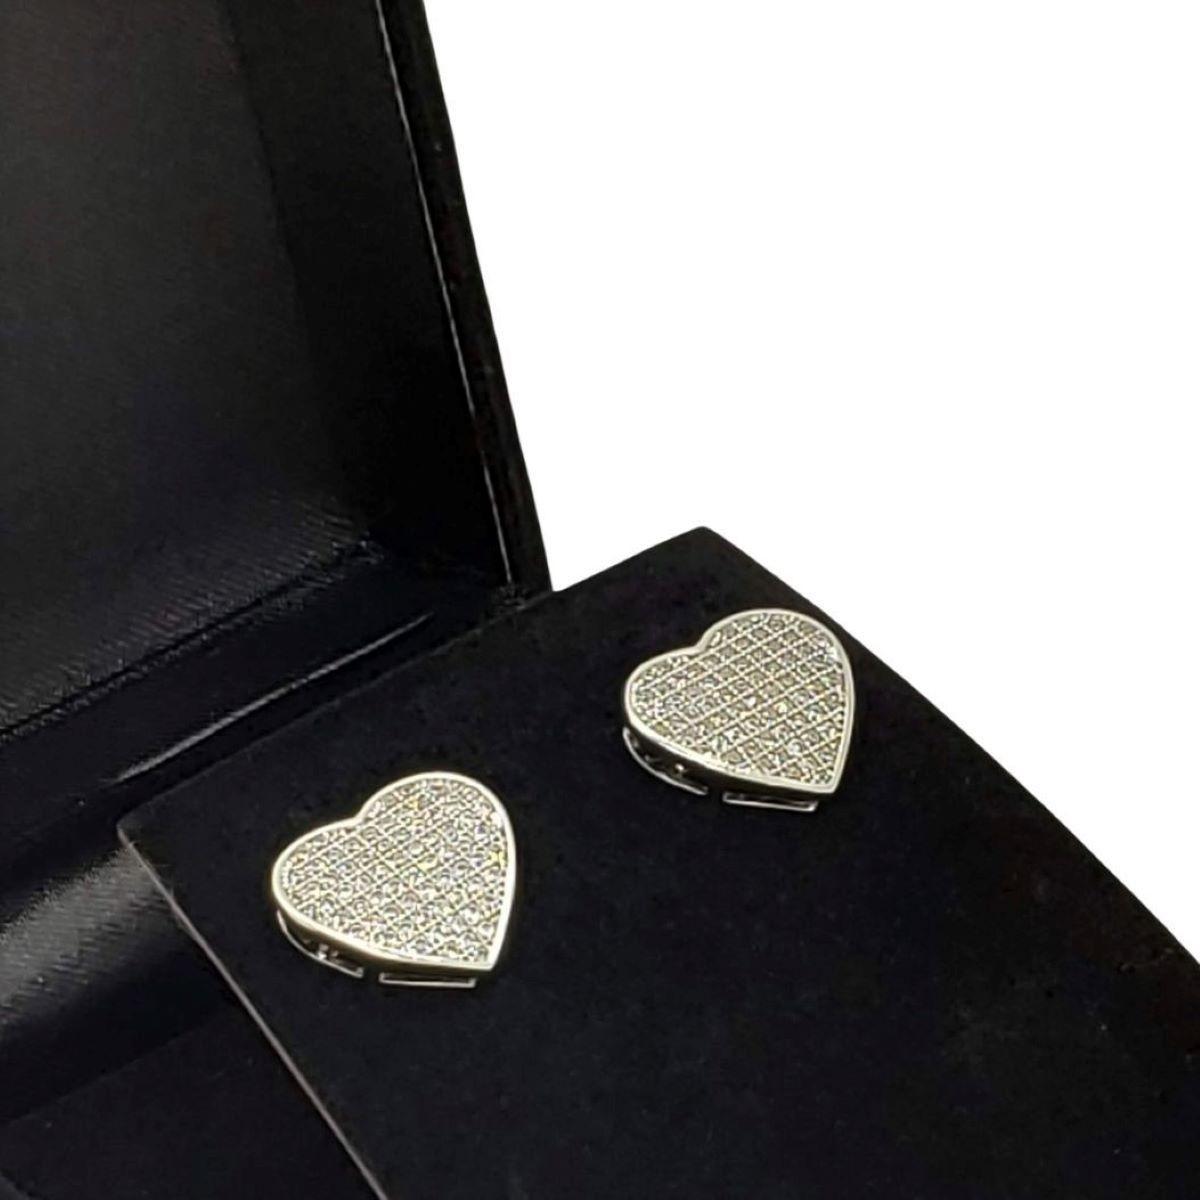 Brincos Coração Cravejados De Zirconias Ródio Claro 826